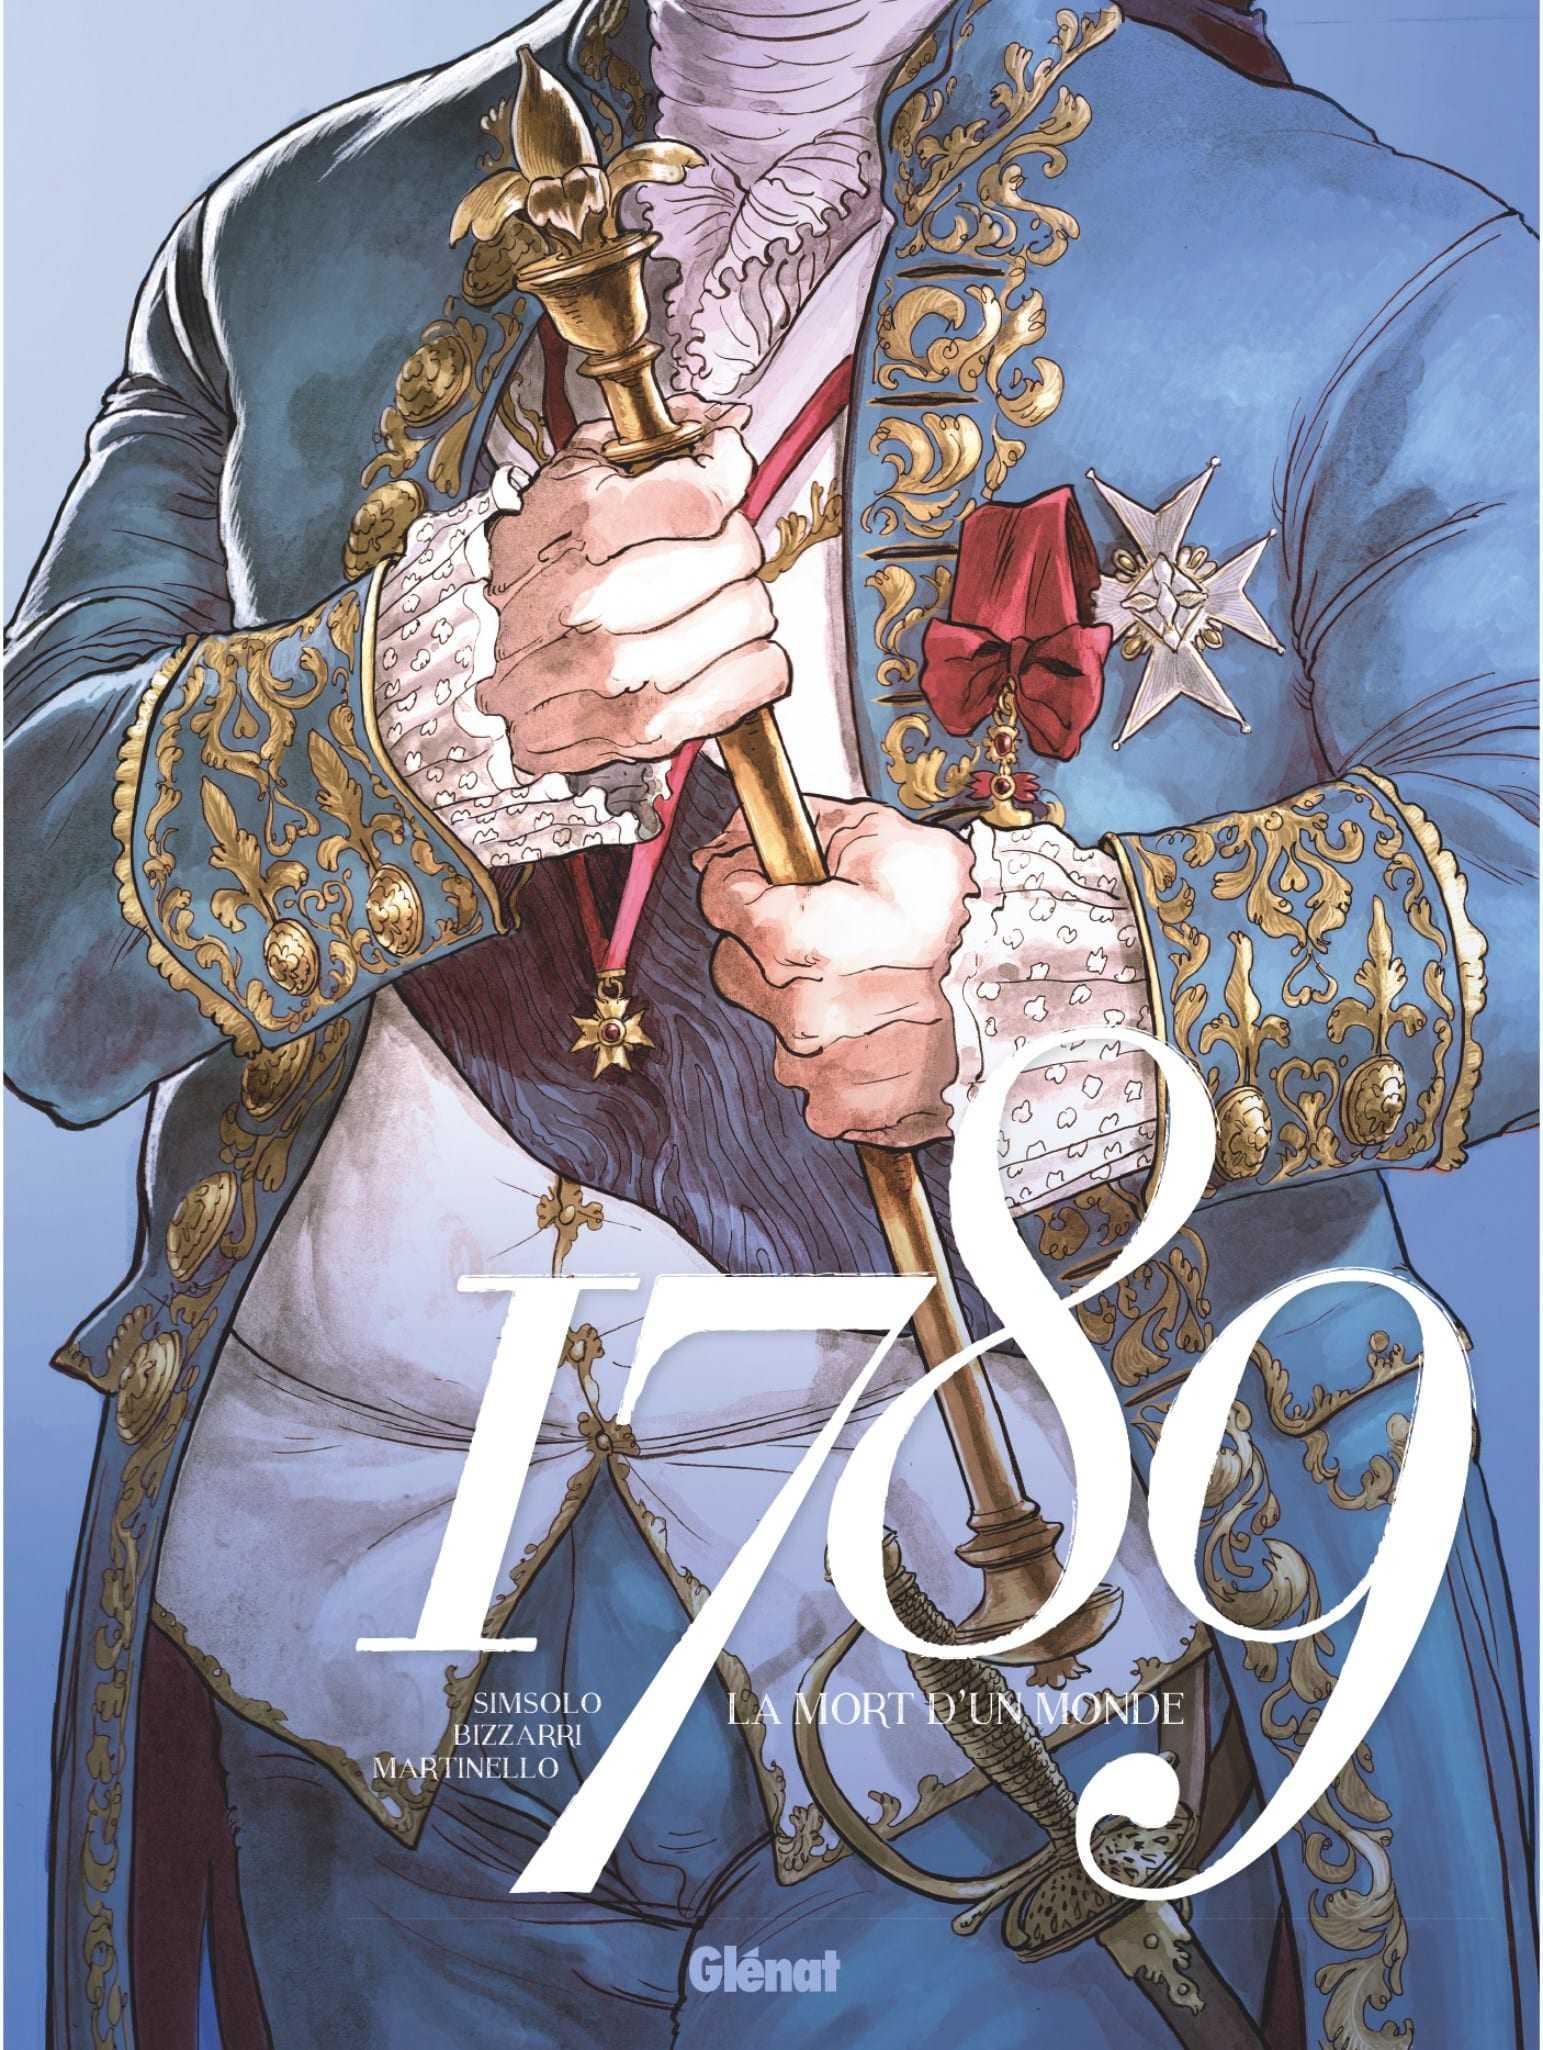 1789, la mort et naissance d'un monde avec Simsolo : Une révolte ? Non, une révolution